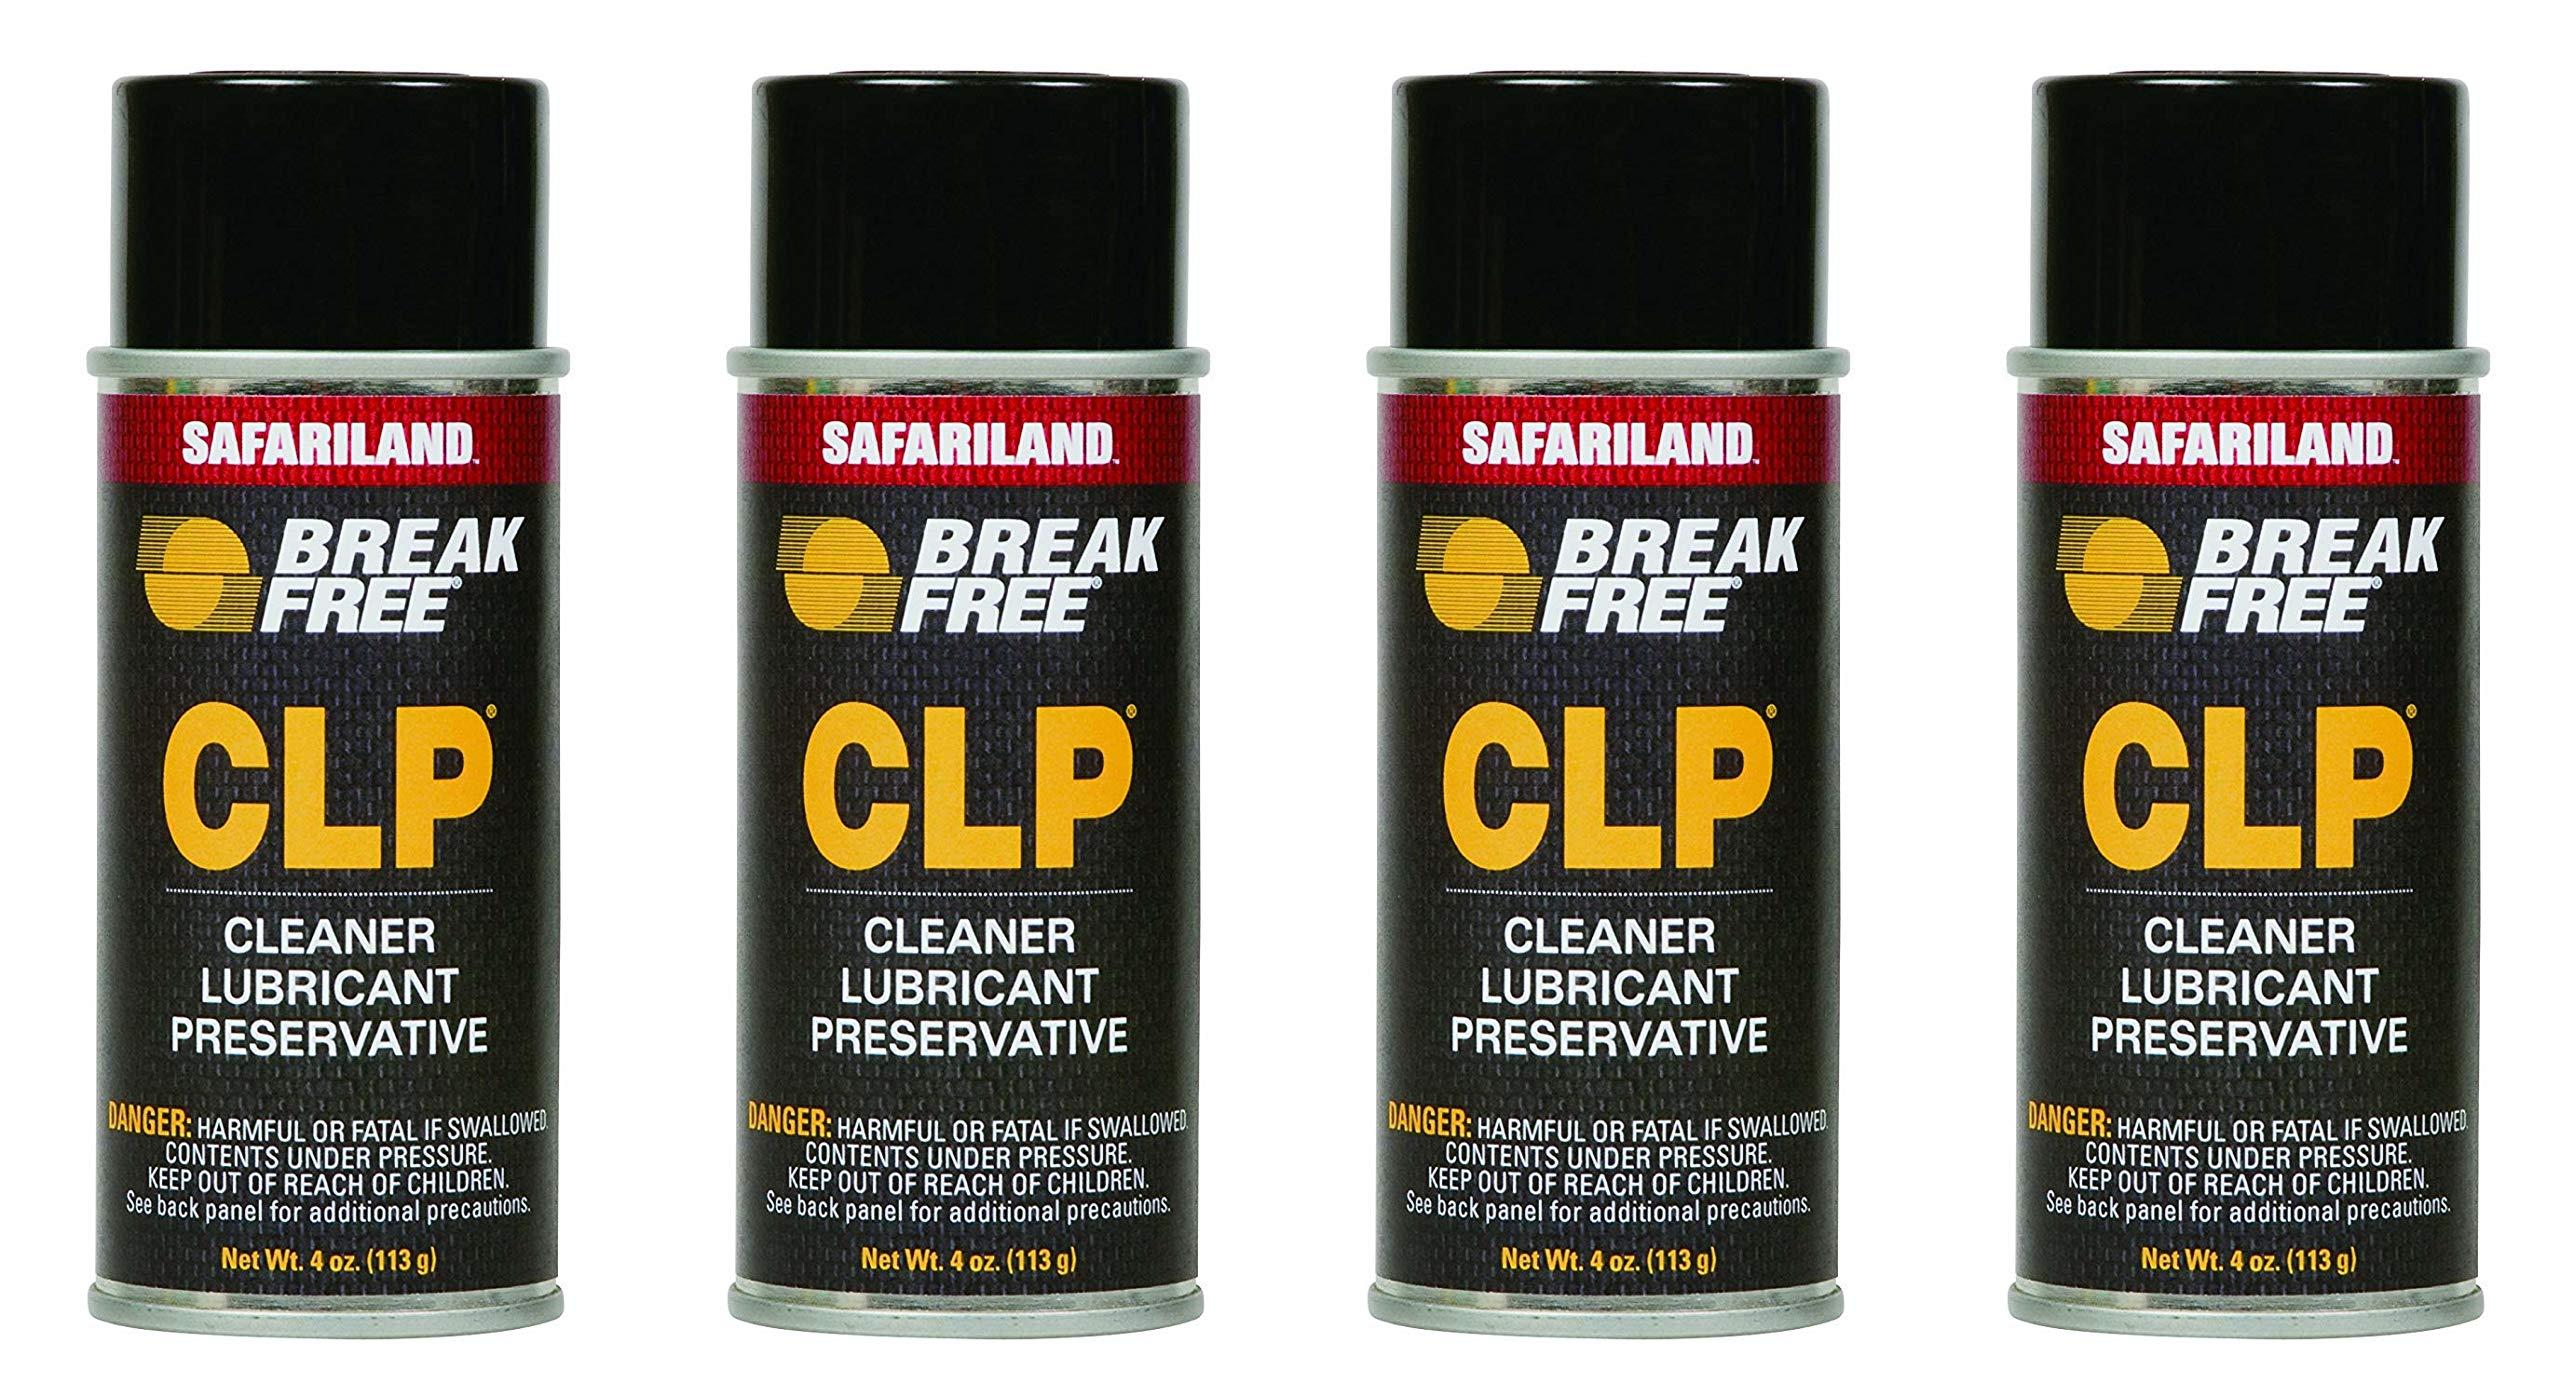 BreakFree. CLP-2 Cleaner Lubricant Preservative 4 oz (113.4 Gram) Aerosol (4 Pack) by BreakFree.